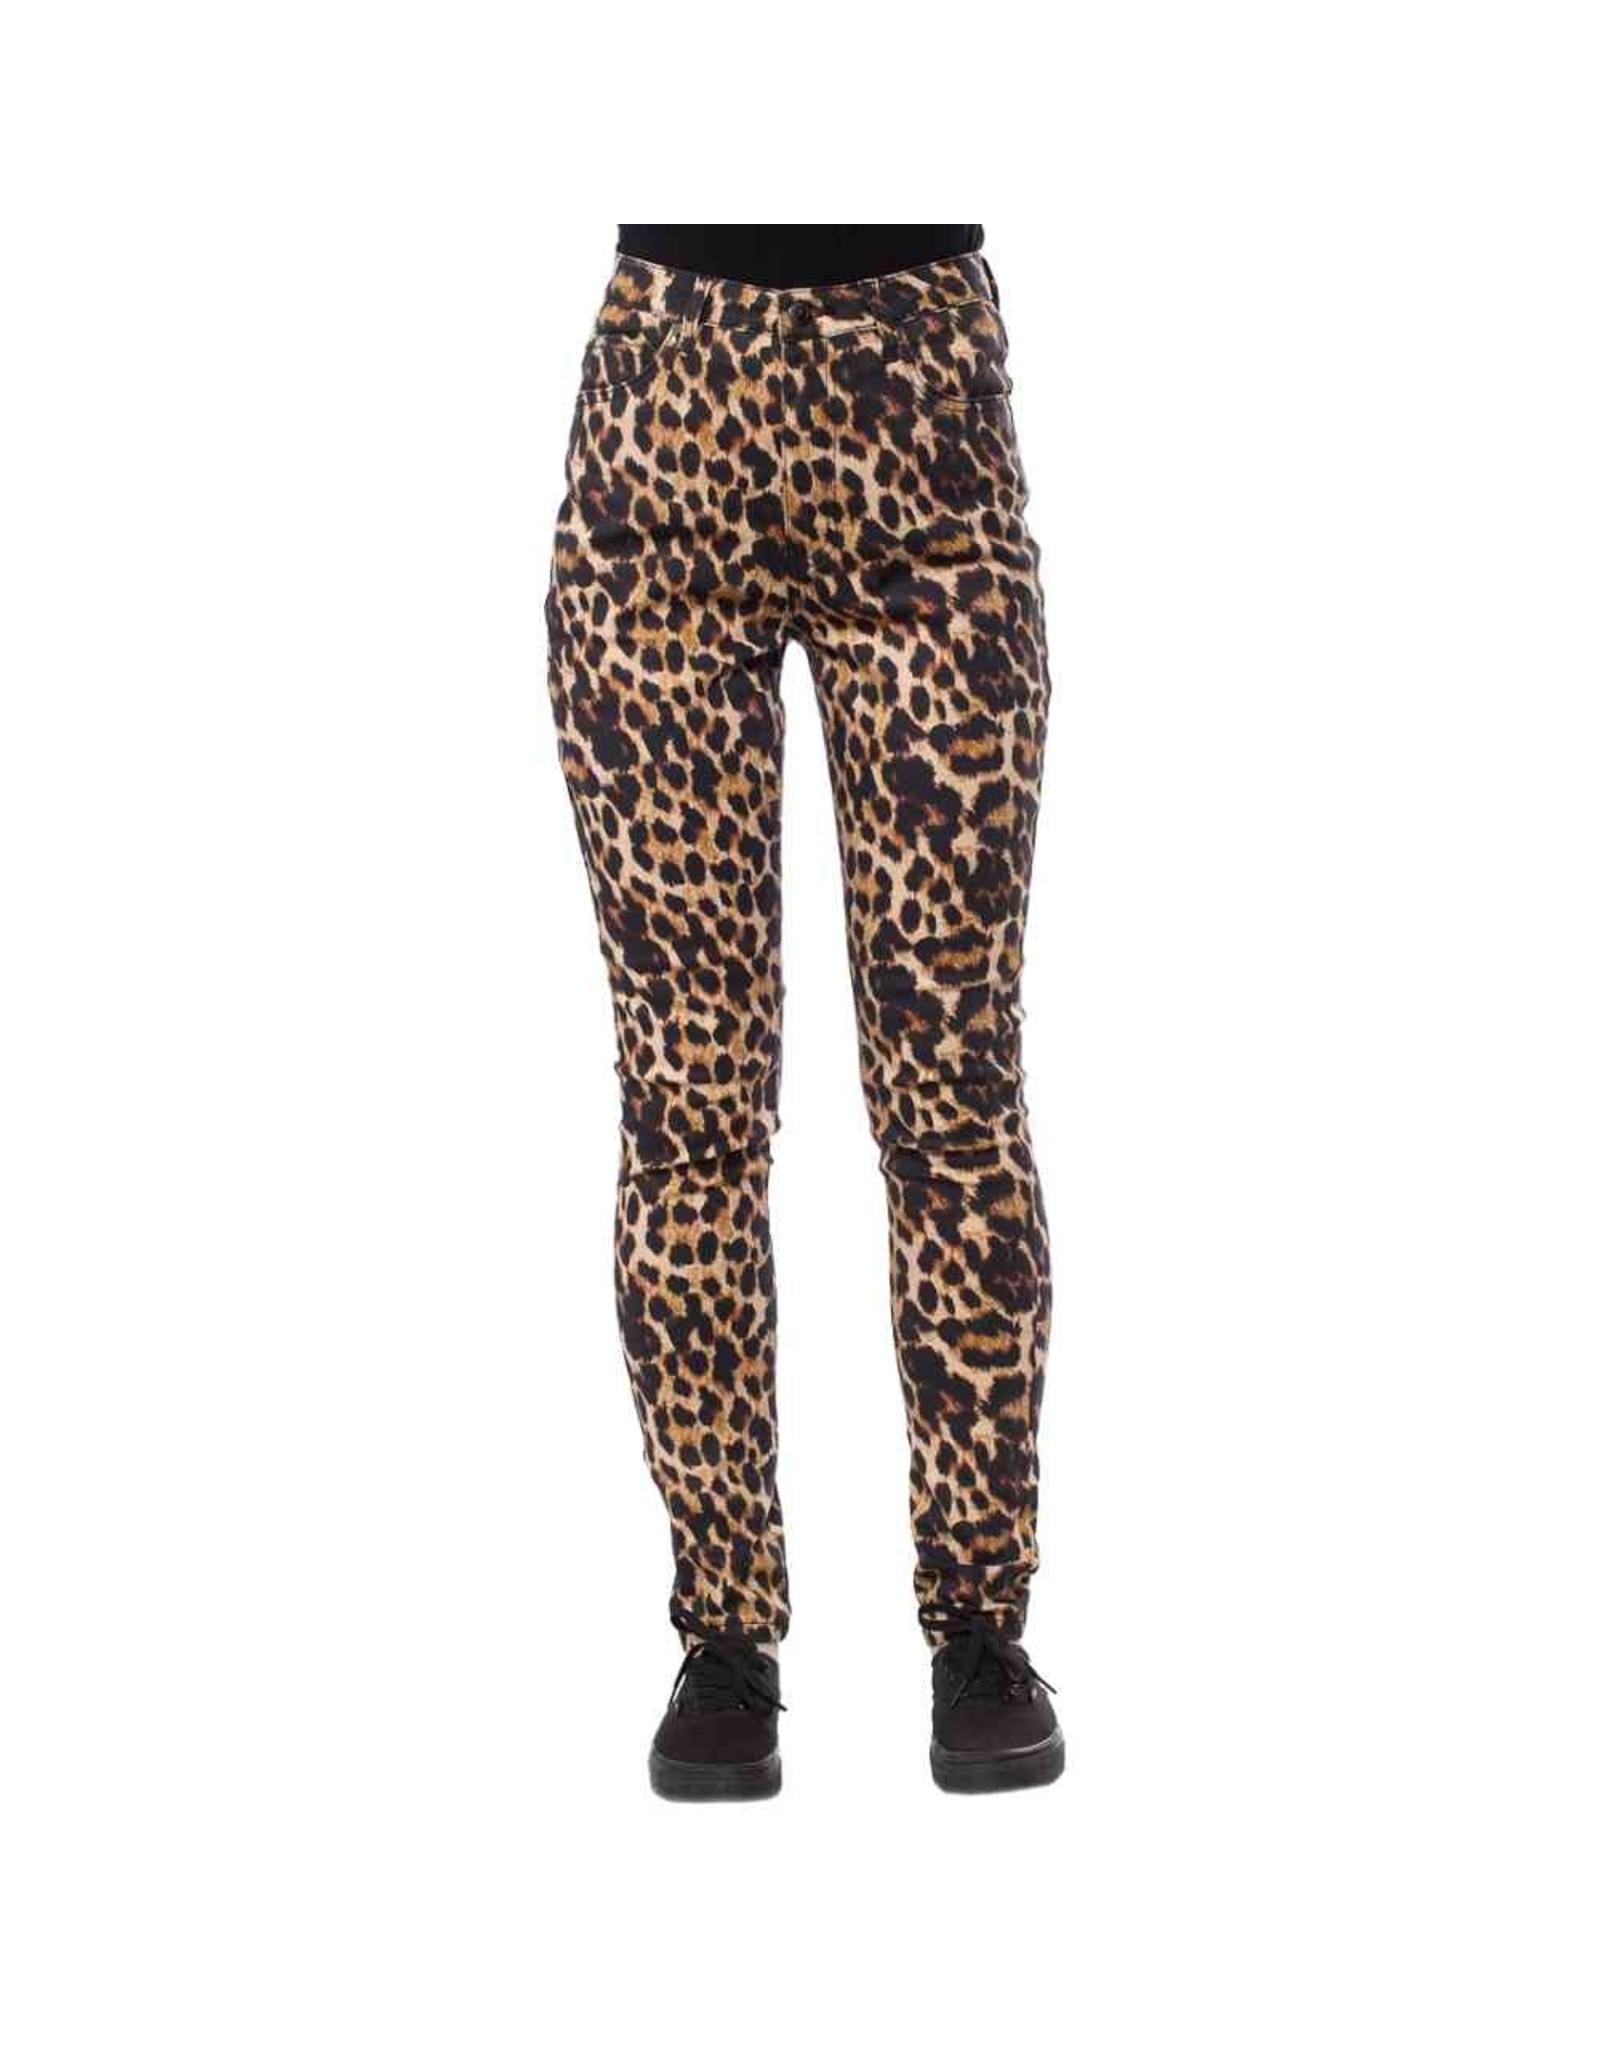 SOURPUSS - Essential 5 Pocket Pants Leopard